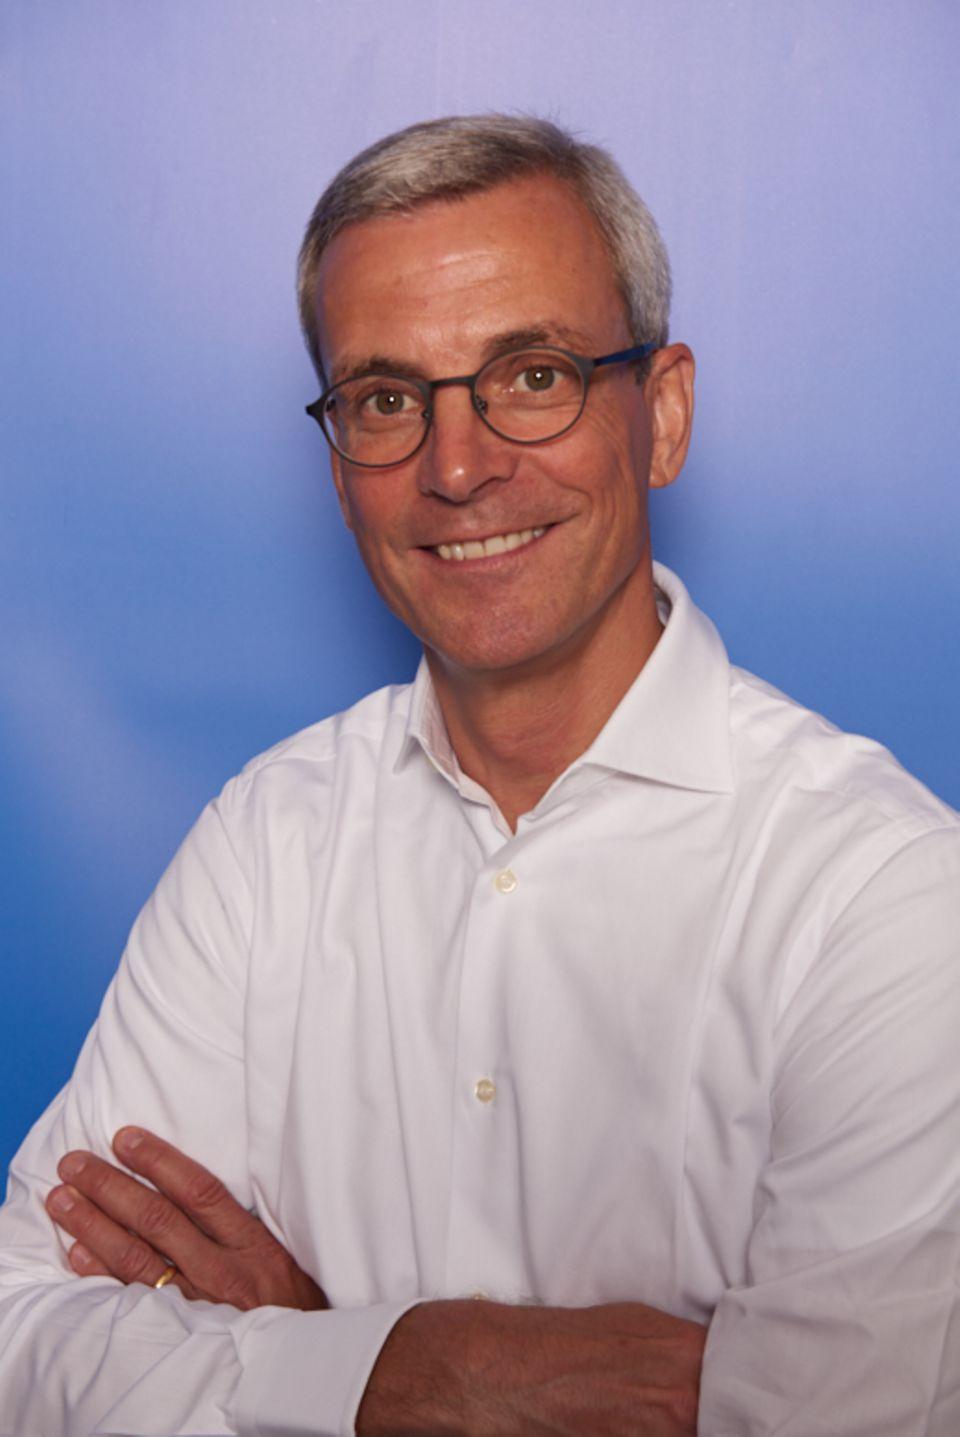 Dr. Andreas Schlosser ist Partner bei der Strategieberatung Arthur D. Little. Er ist Automobilexperte, insbesondere für Elektromobilität. Ein Augenmerk seiner Arbeit liegt auf den Entwicklungen im chinesischen Markt und den Ambitionen der fernöstlichen Wettbewerber